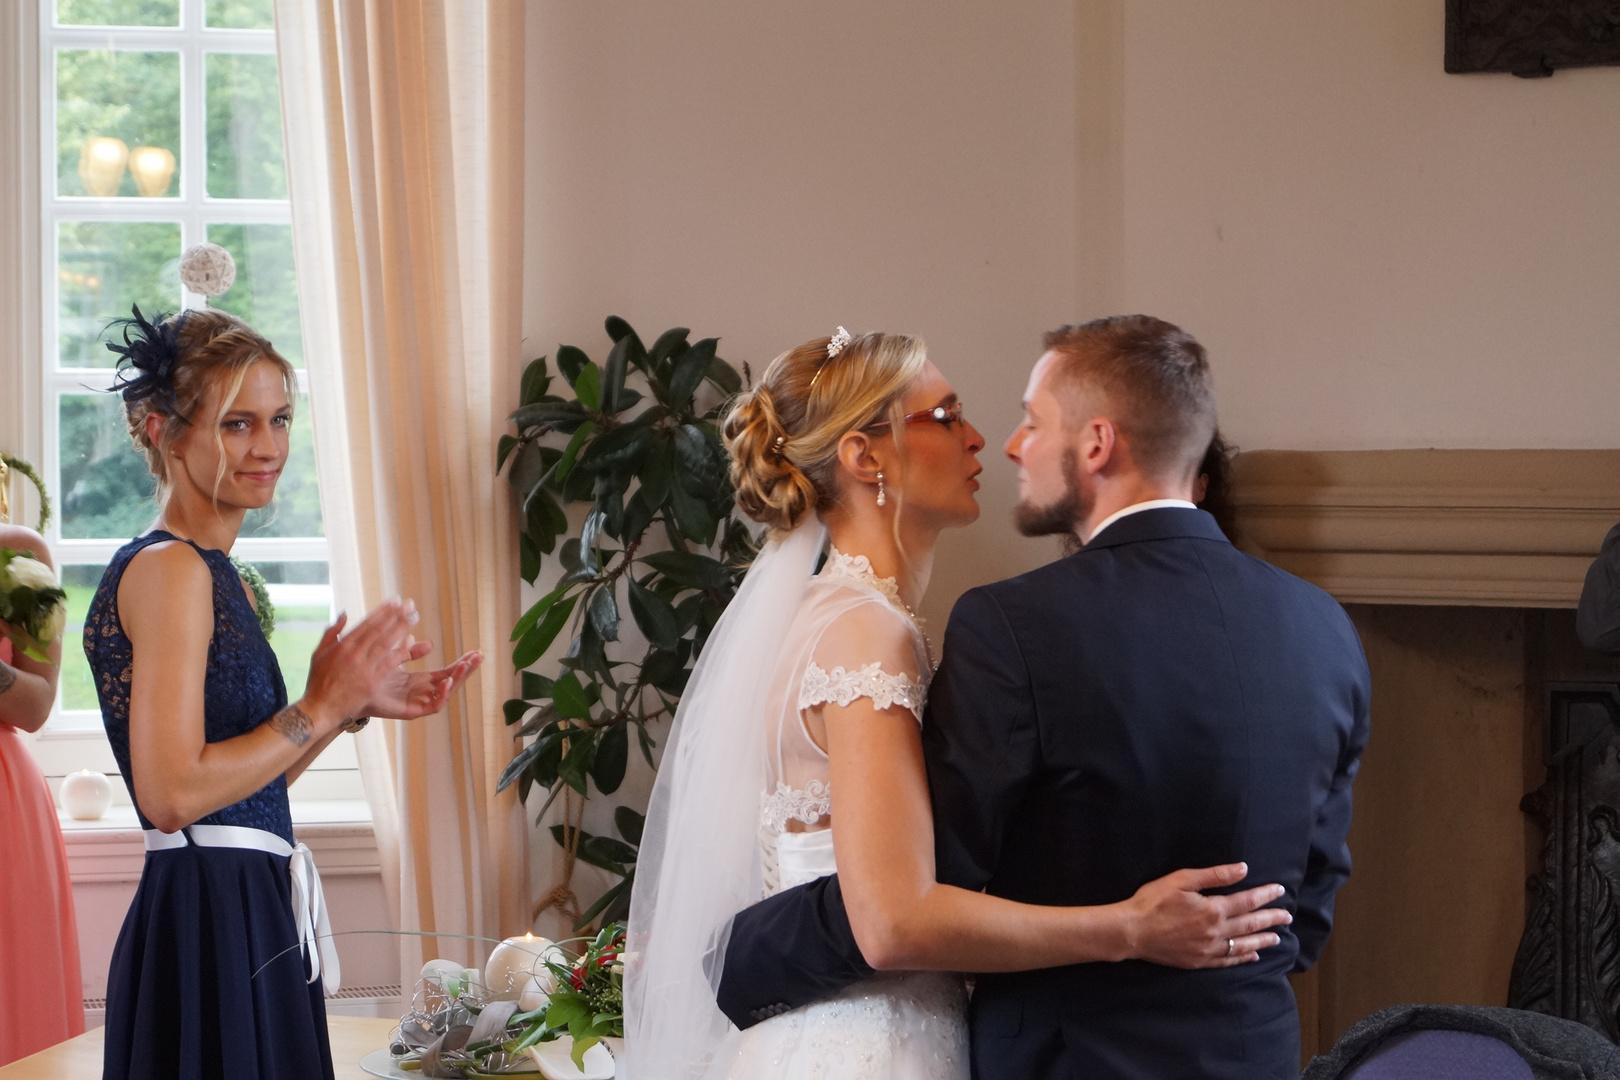 B & A Hochzeit SIe dürfen die Braut jetzt küssen